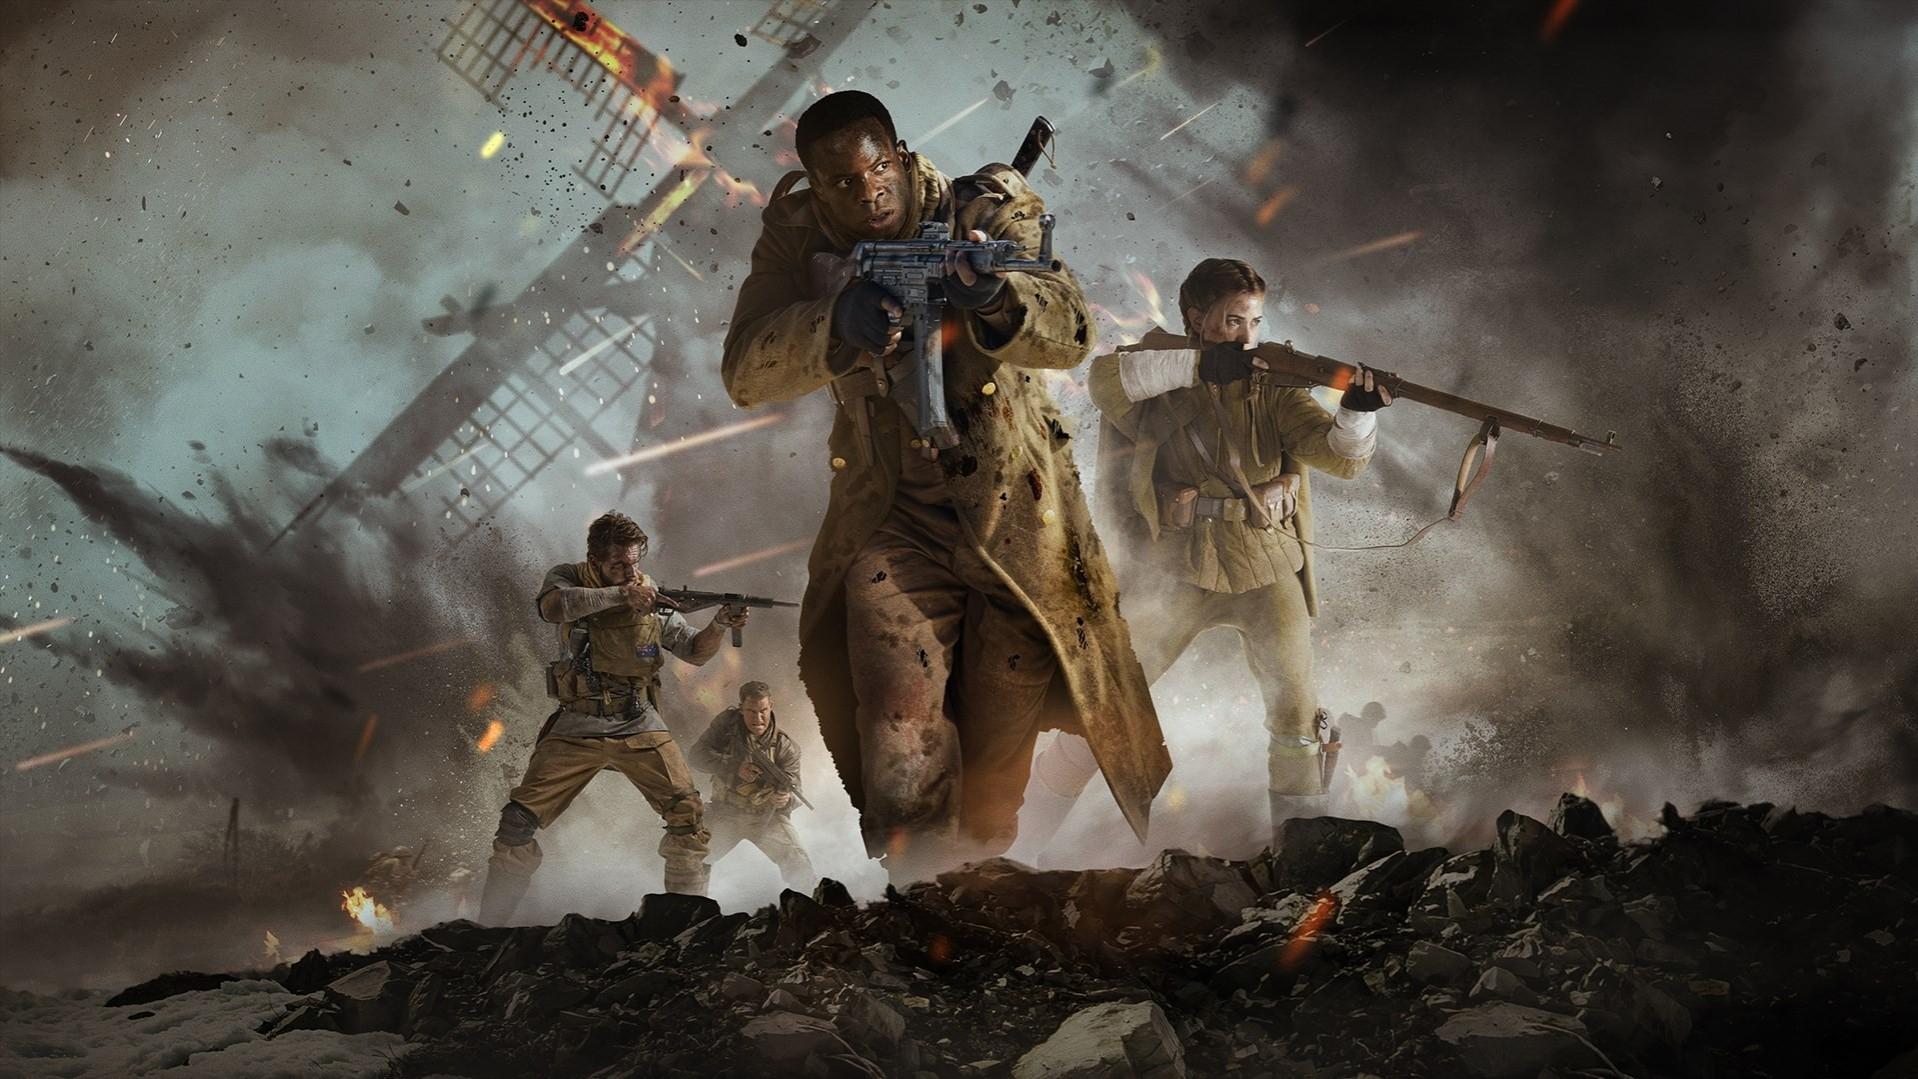 В Call of Duty Vanguard можно сыграть бесплатно началось открытое бетатестирование